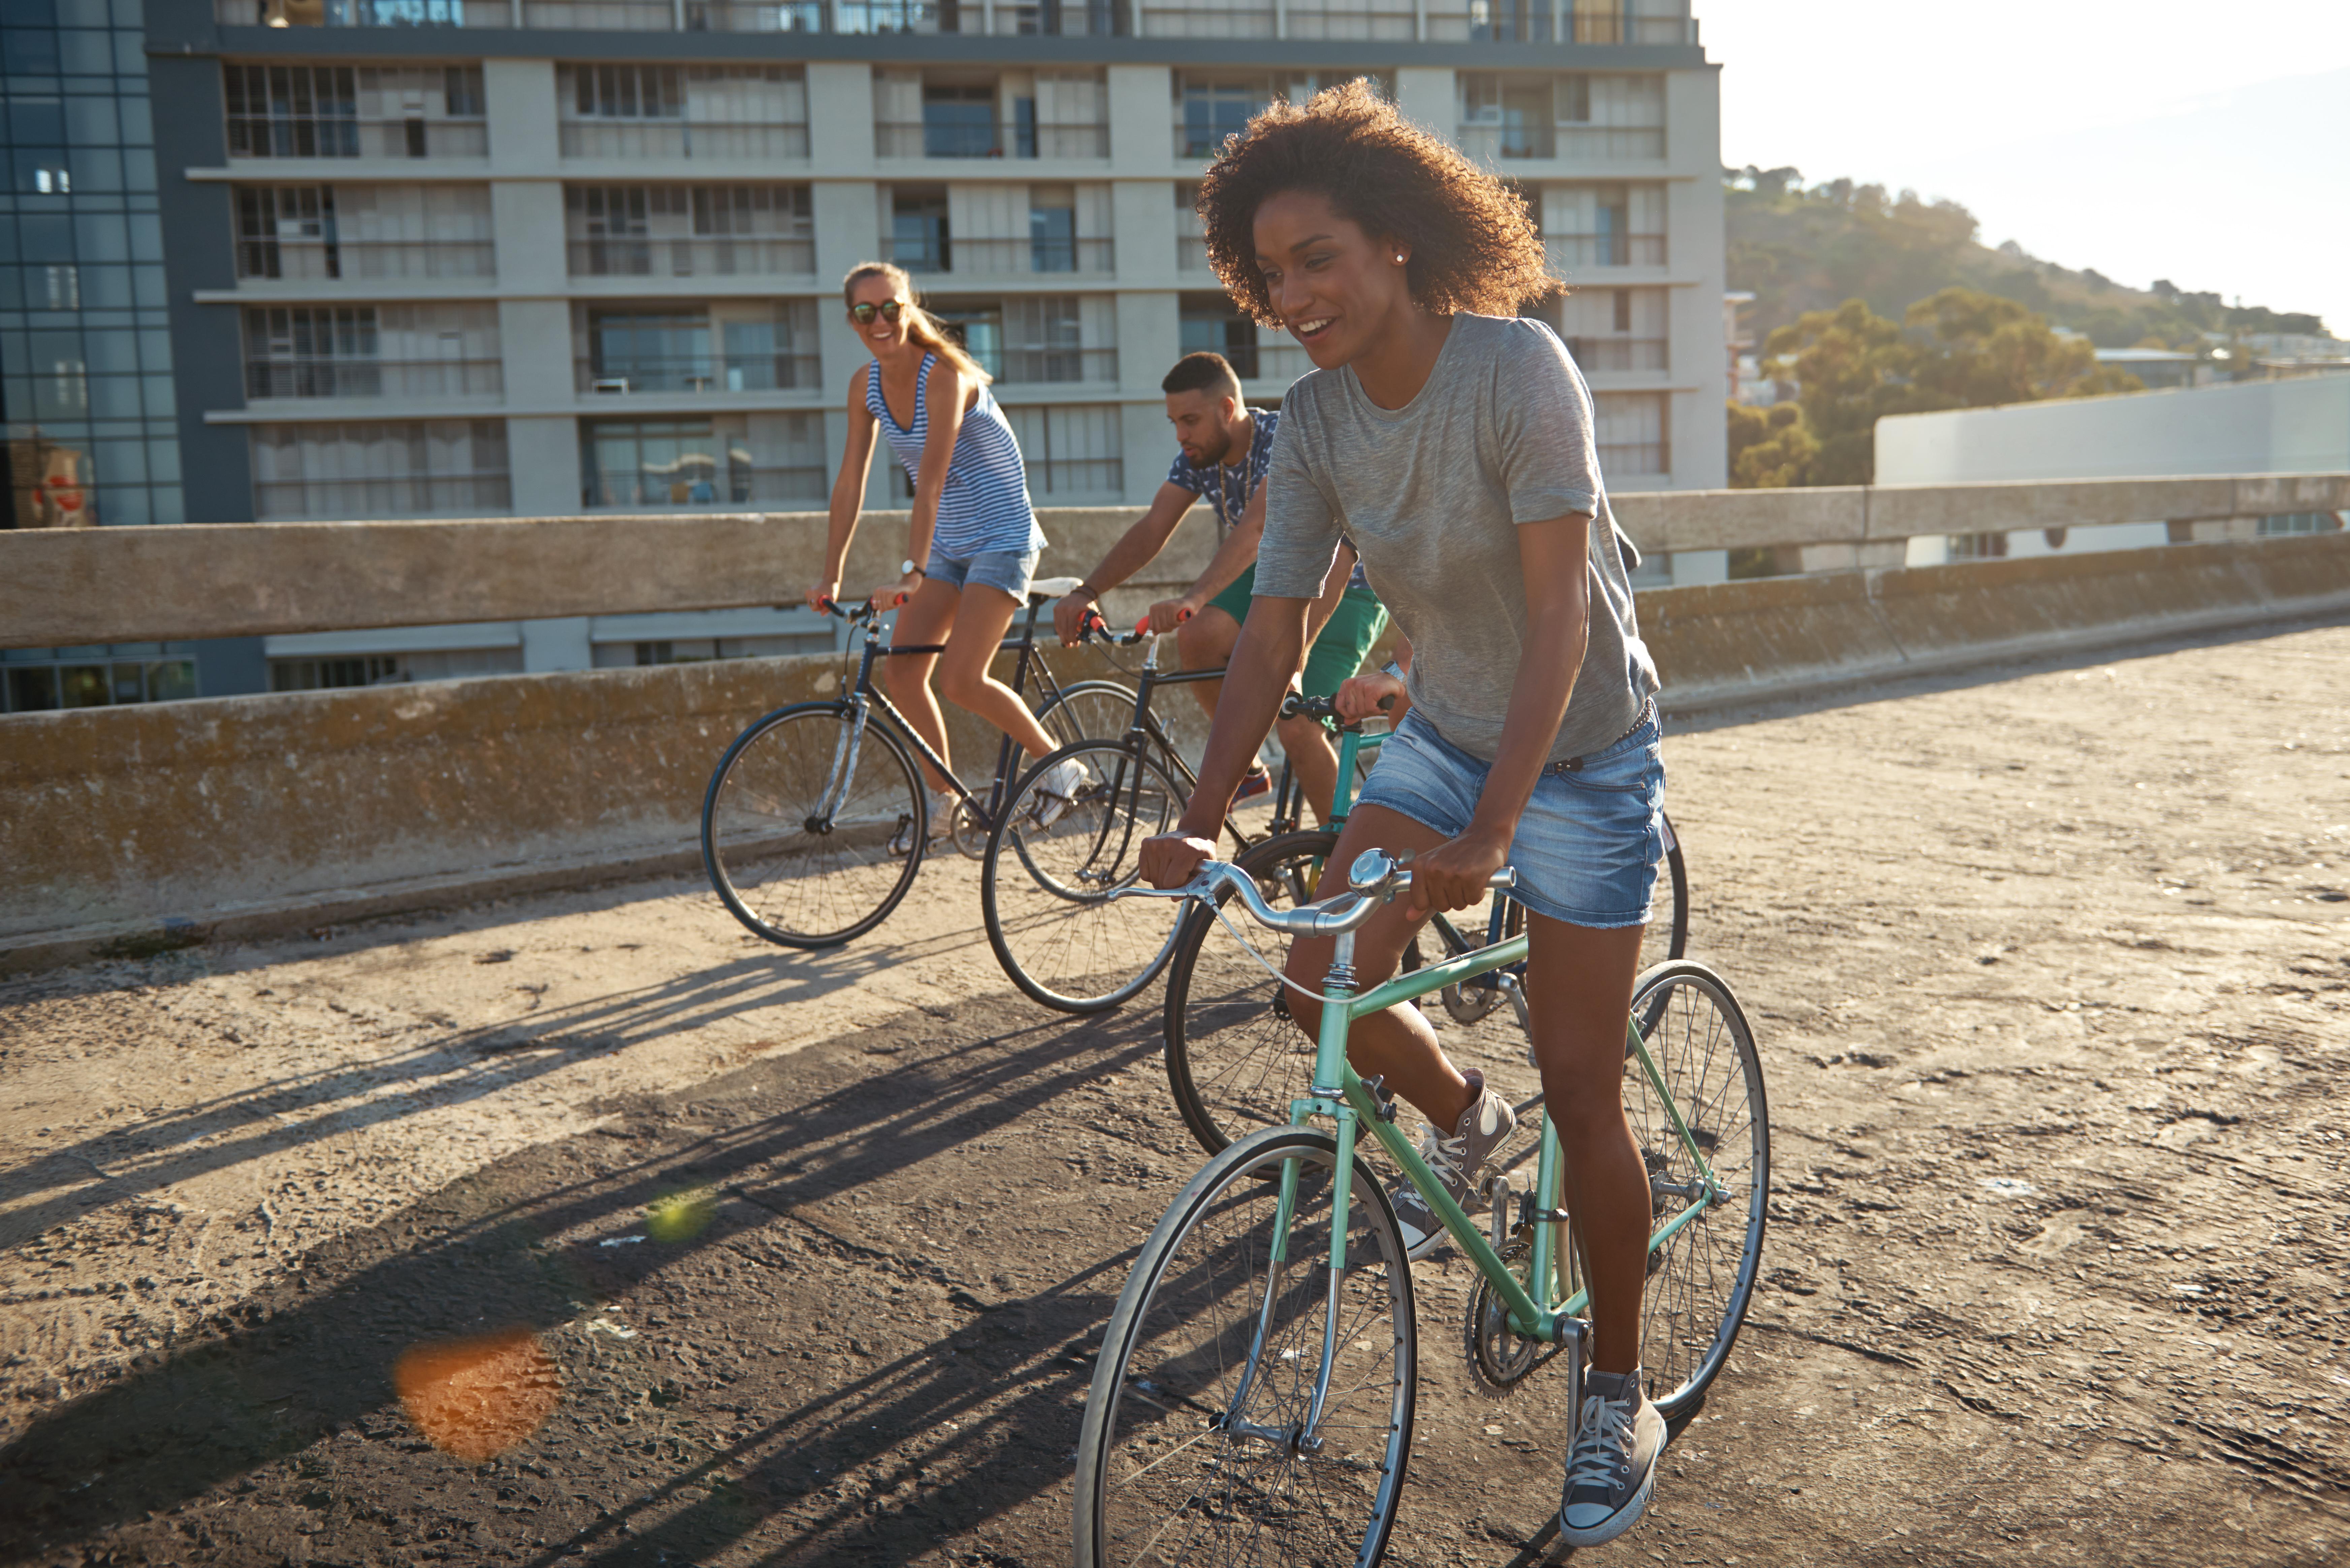 active rest- biking